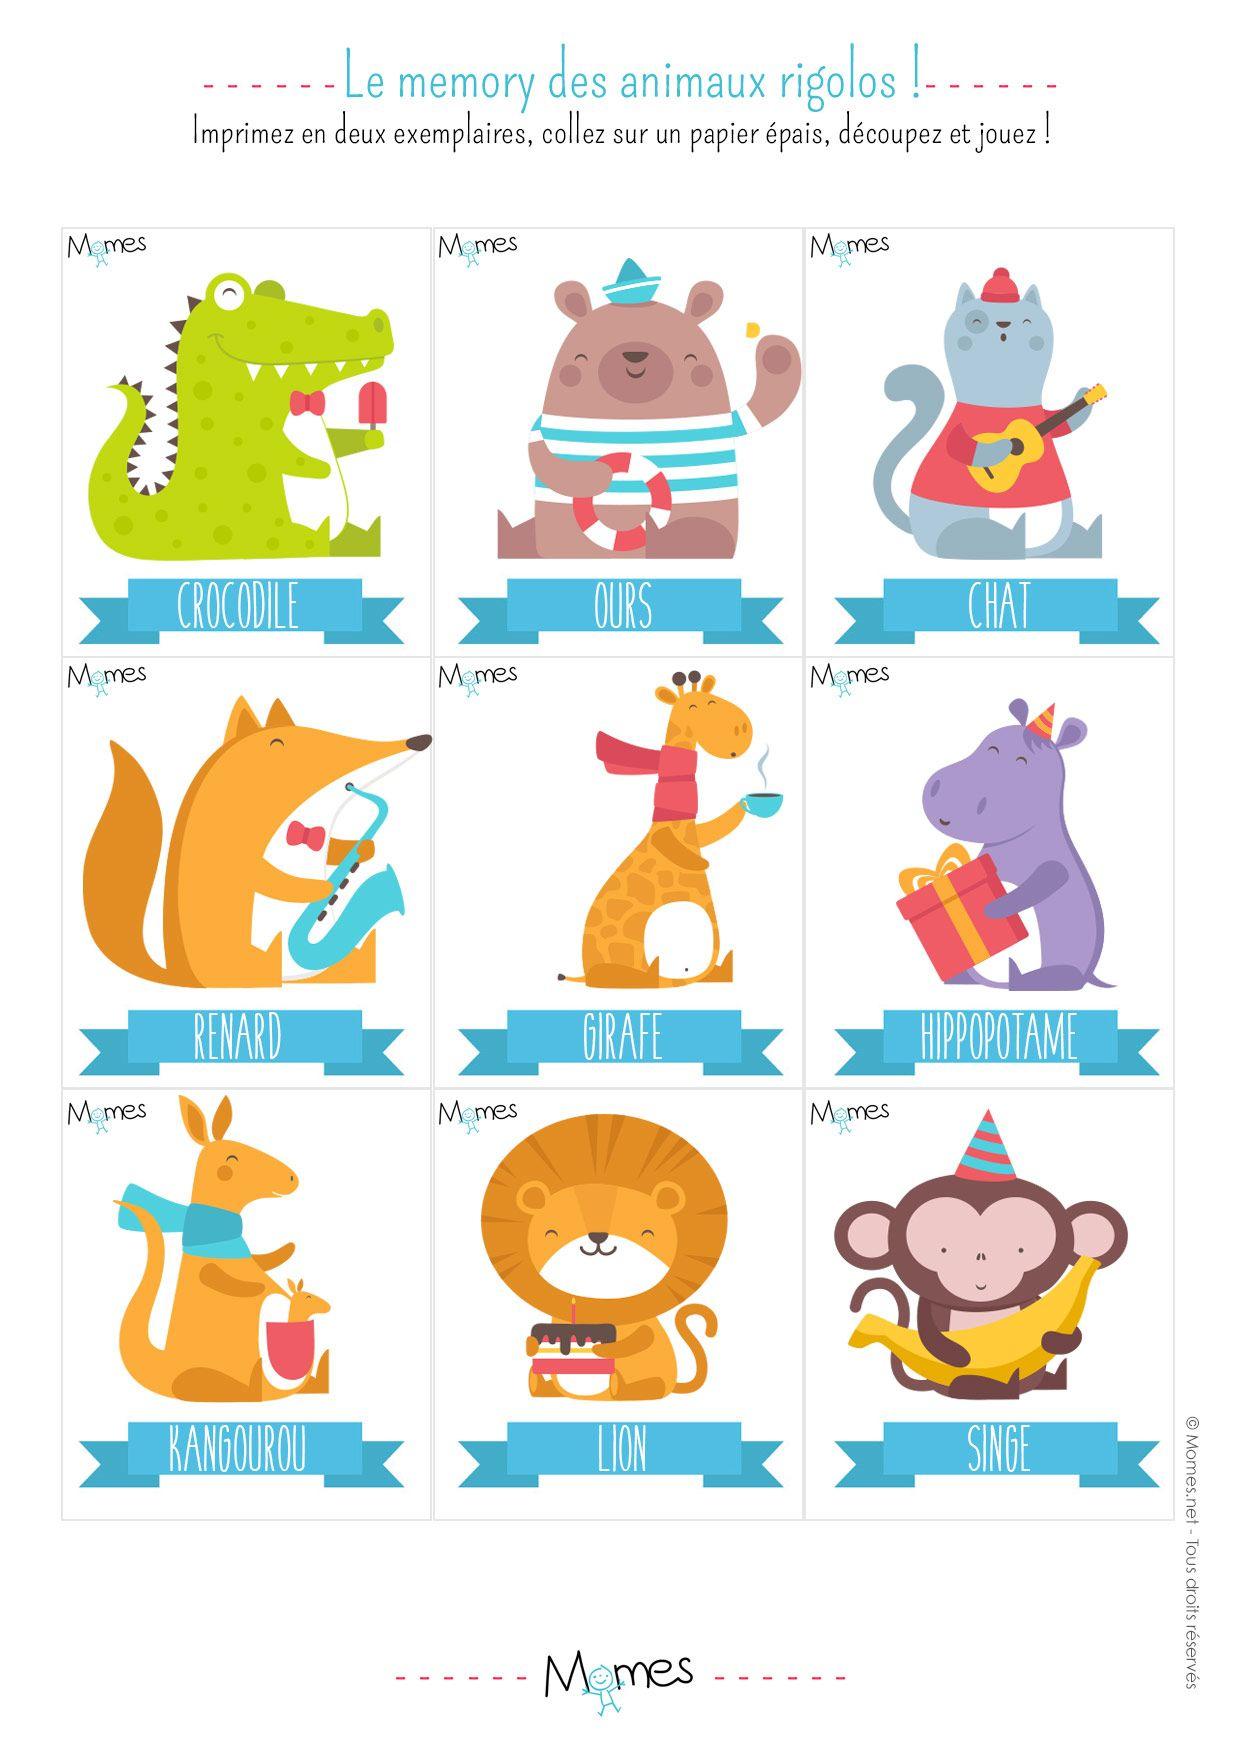 Memory Animaux - Jeu À Imprimer | Jeux A Imprimer, Jeu De intérieur Jeux De Bébé Animaux Gratuit